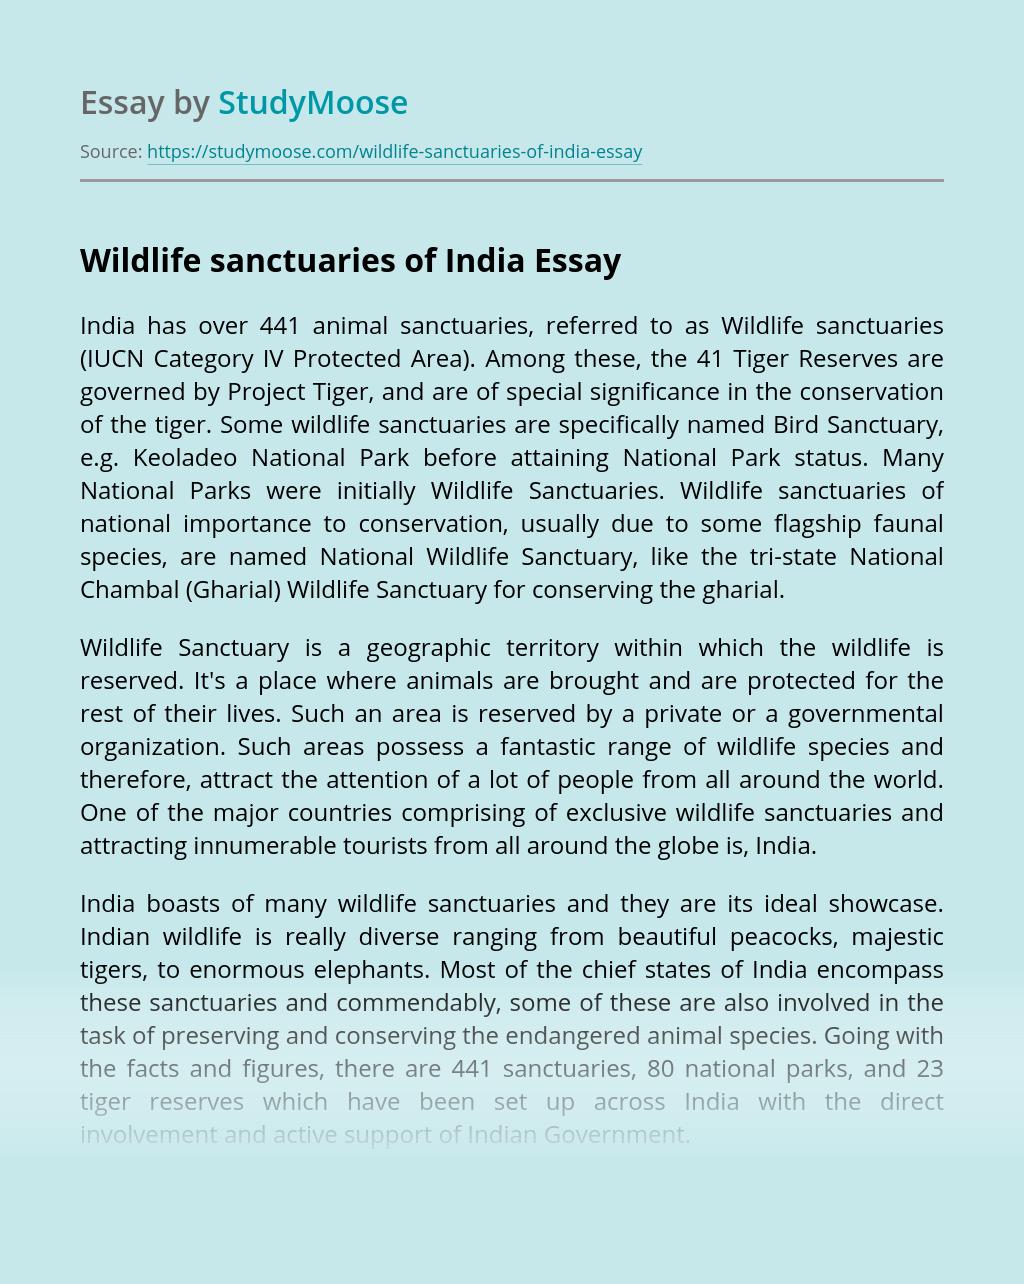 Wildlife sanctuaries of India